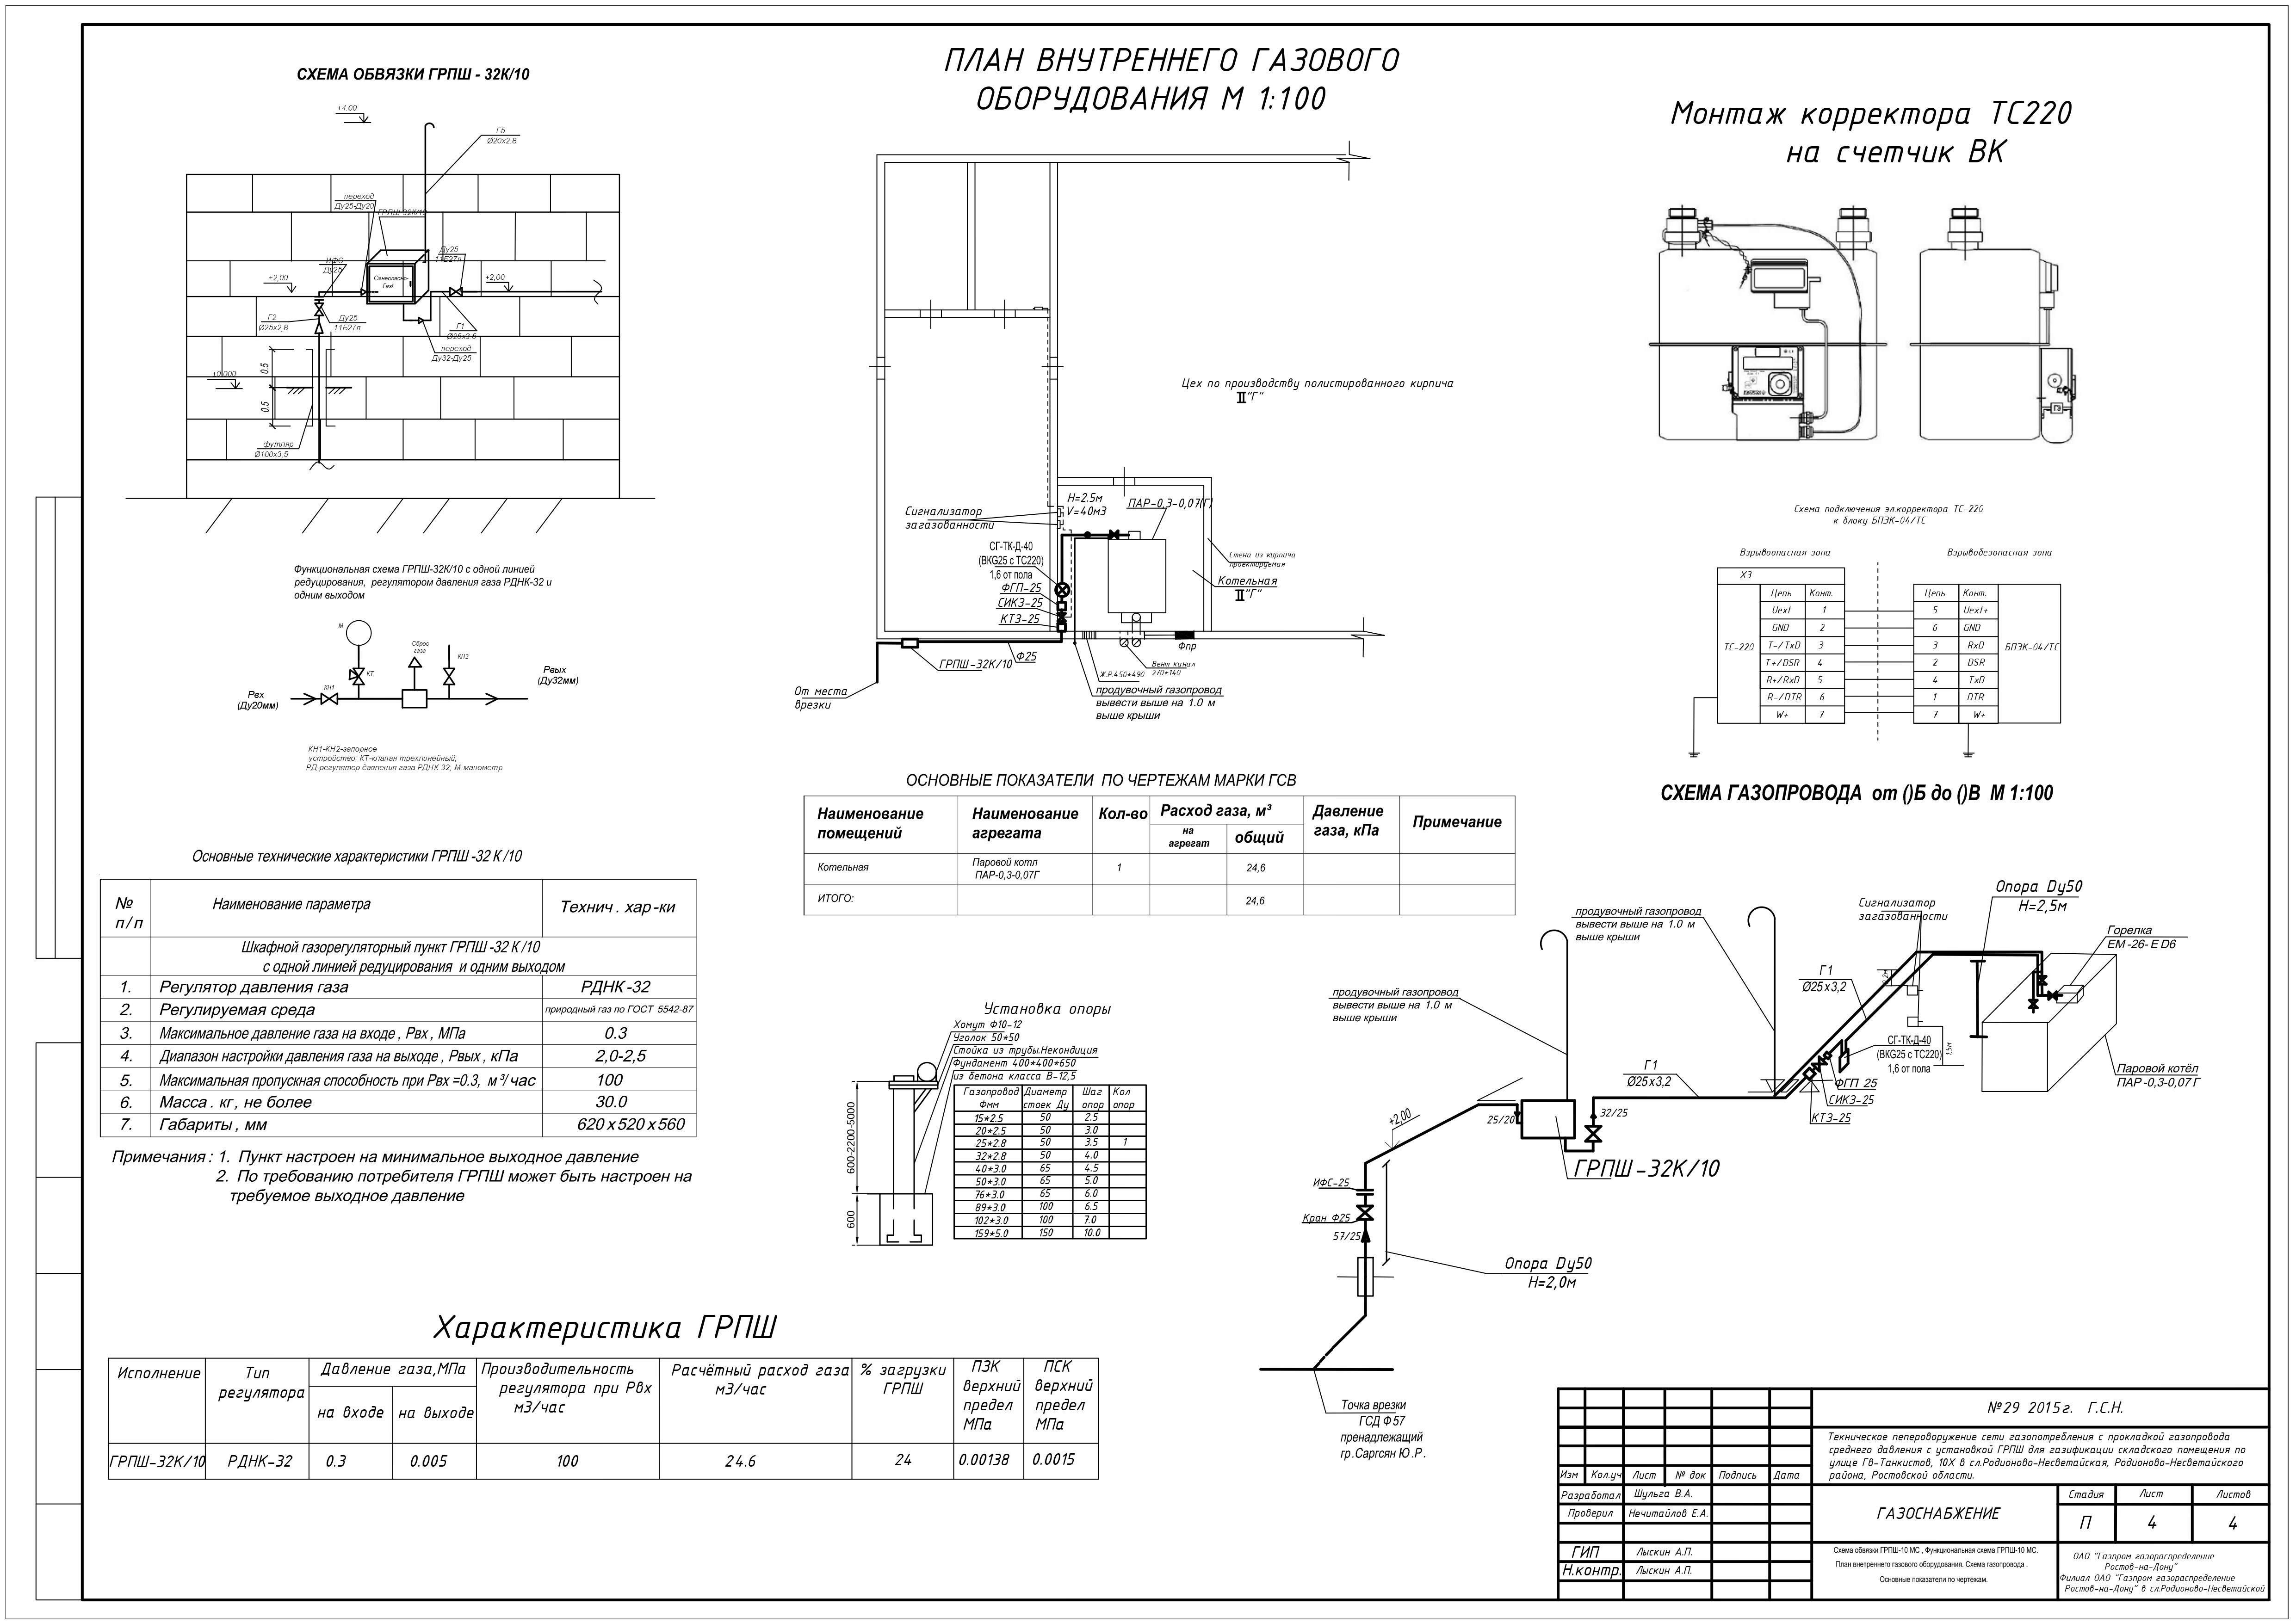 высота продувочных газопроводов от ГРПШ